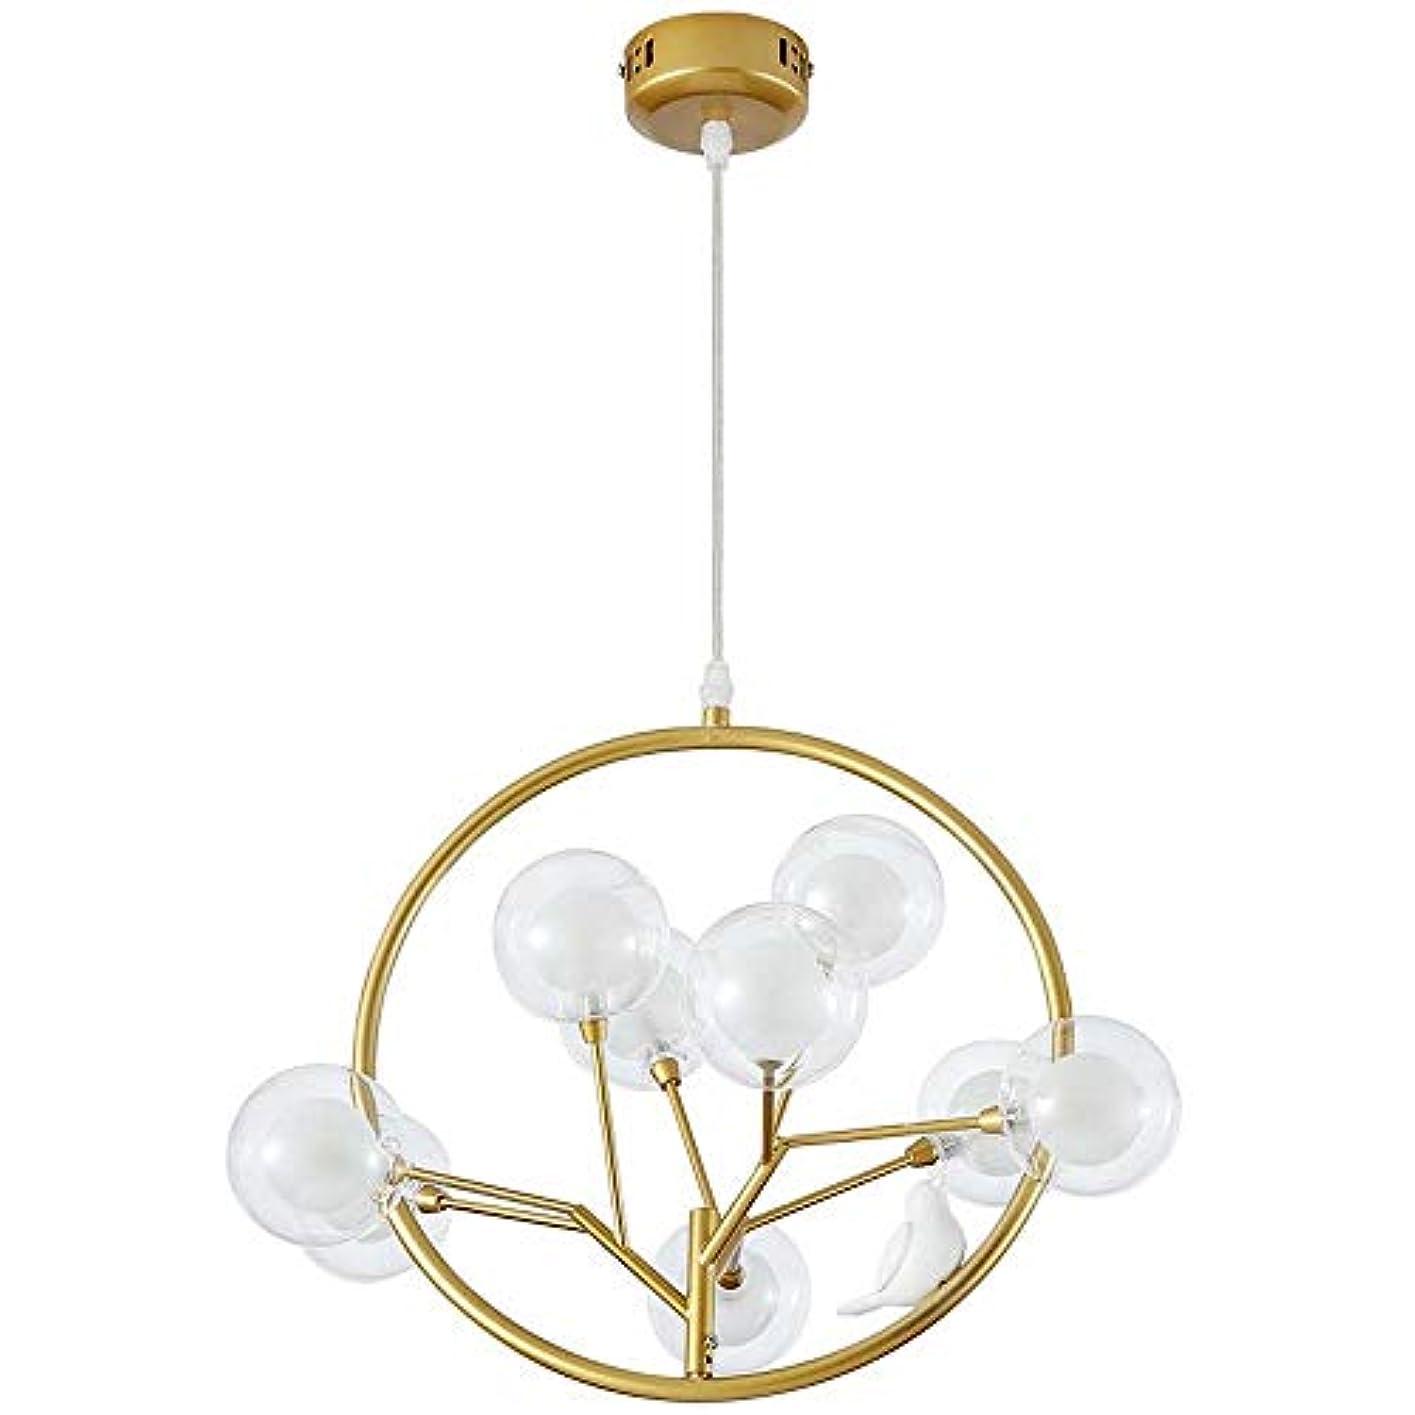 議会留め金拡声器シャンデリア シャンデリア 天井ランプ 装飾 吊り下げランプ 北欧 吊りランプ 耐久性 リビング 照明 MXLTIANDAO